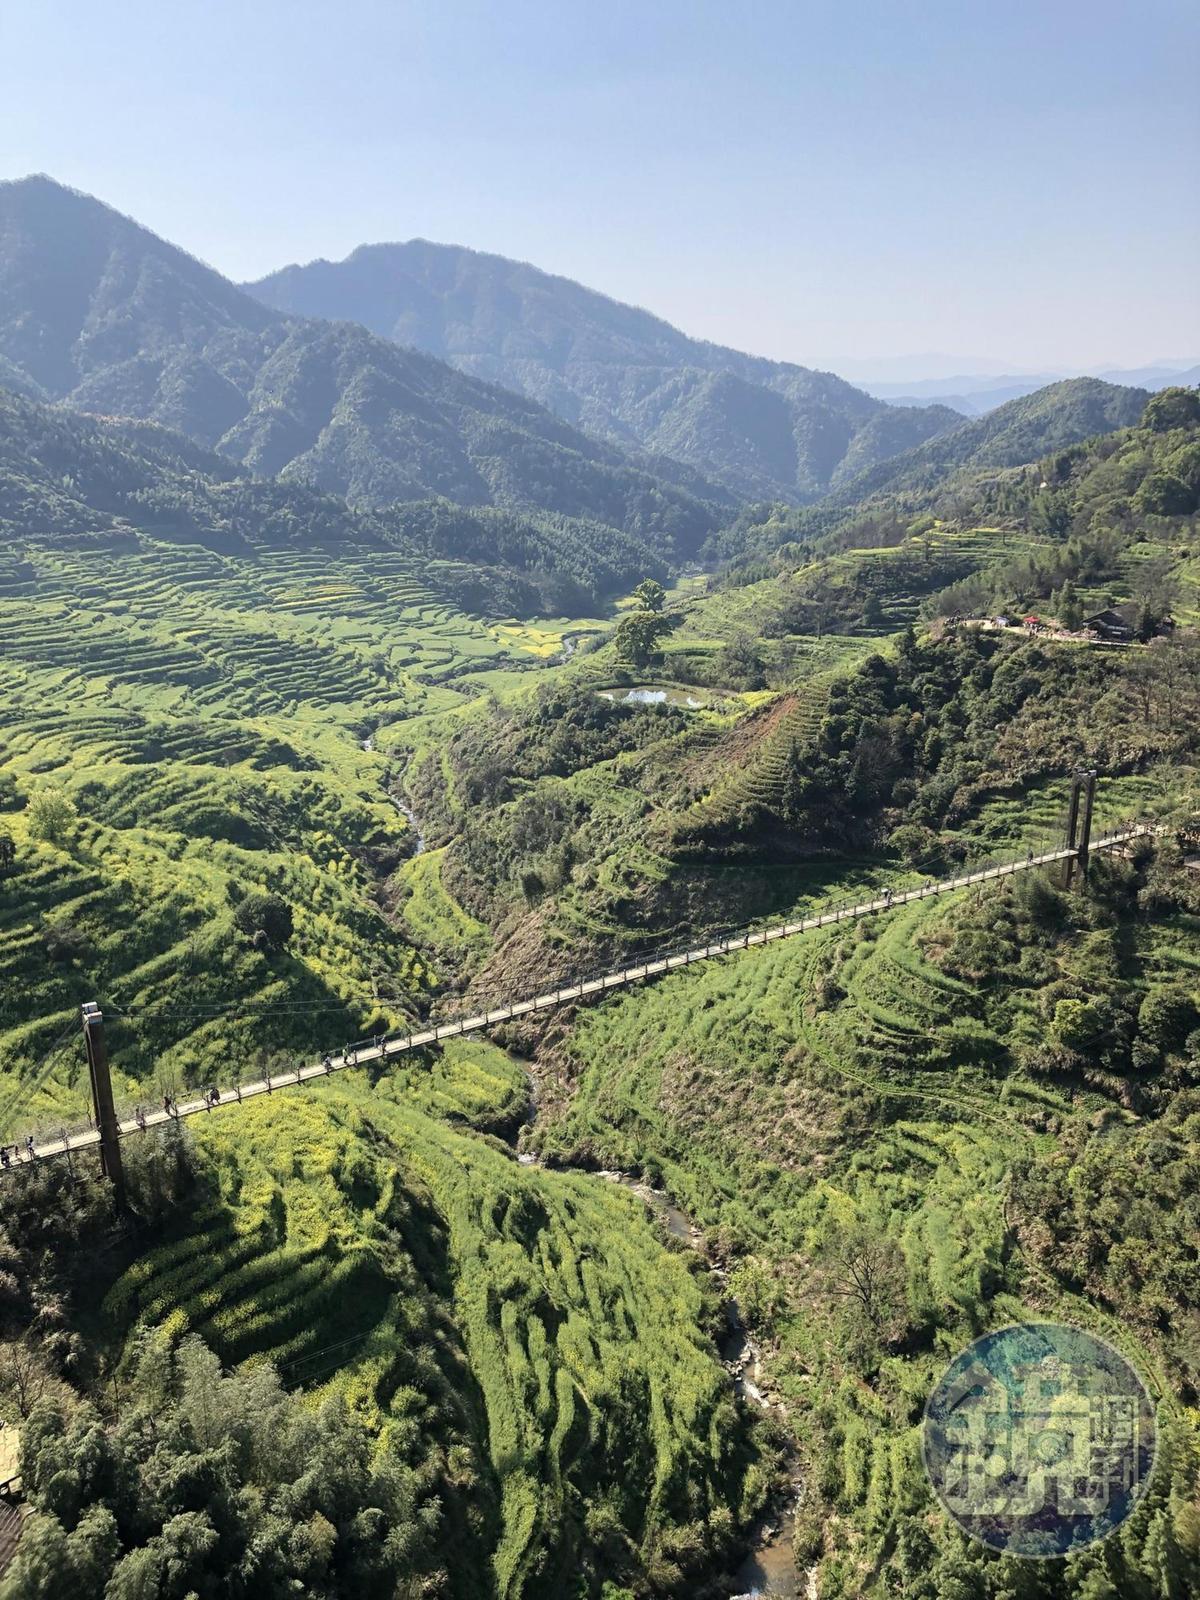 自壘心橋上往下看,數大就是美的油菜花田,填滿整個視野。